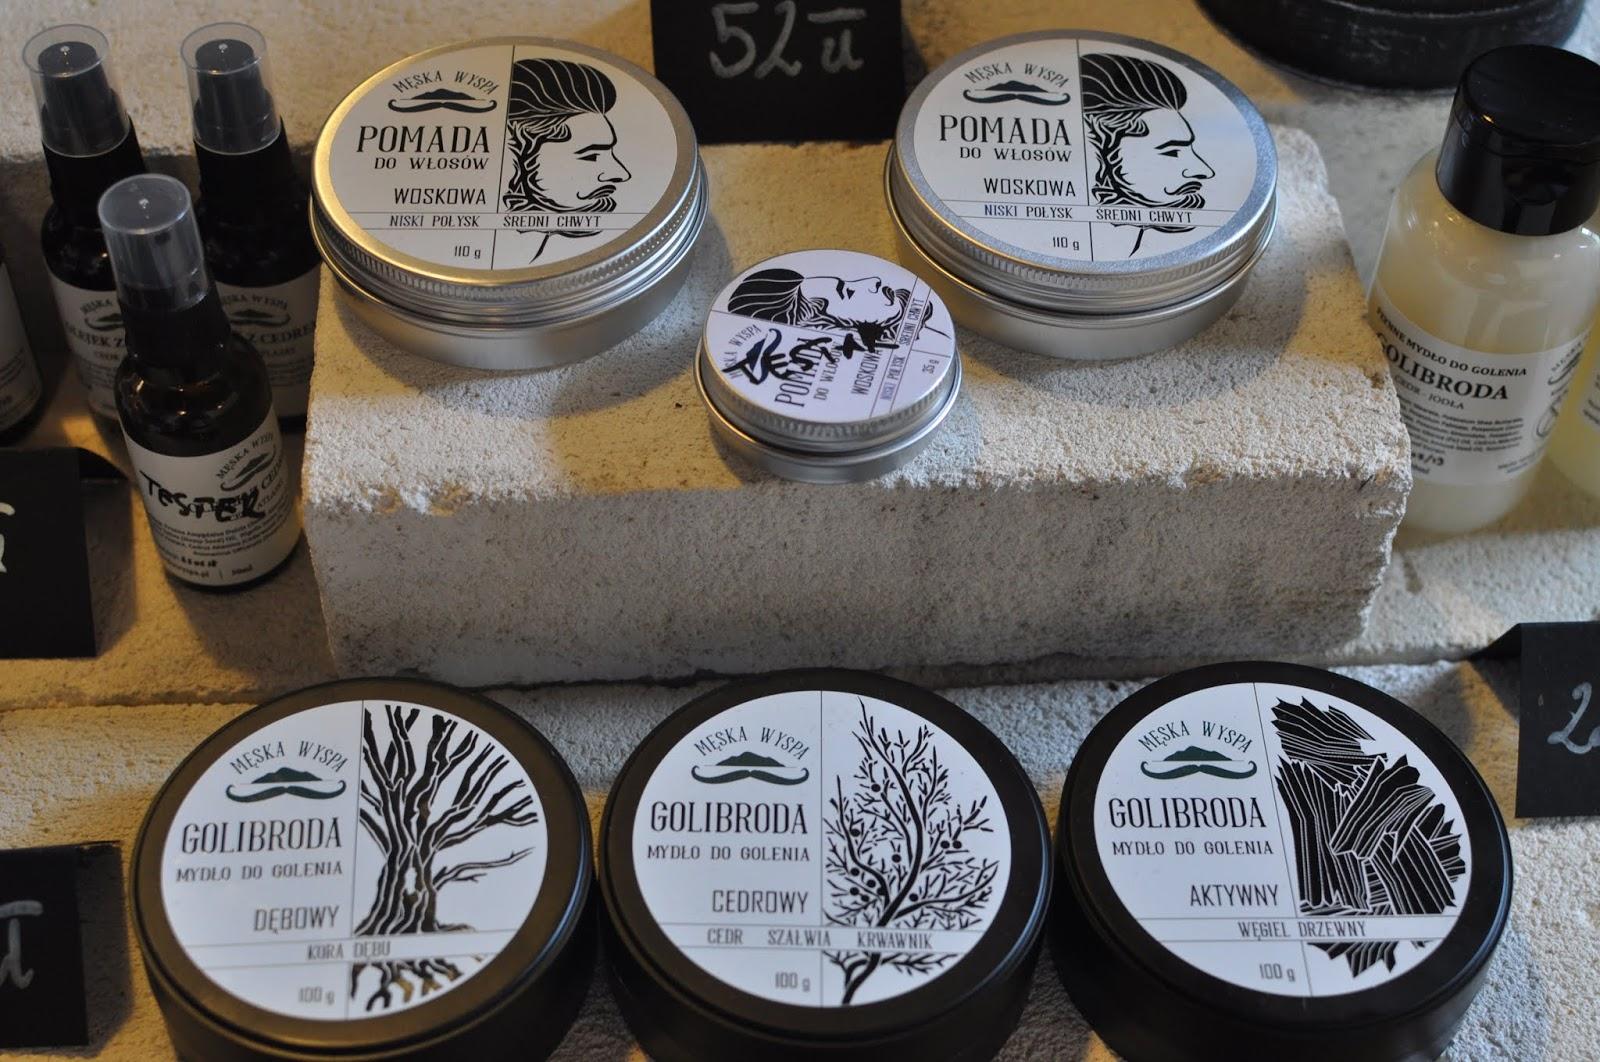 kosmetyki naturalne meska wyspa na ekotykach w krakowie